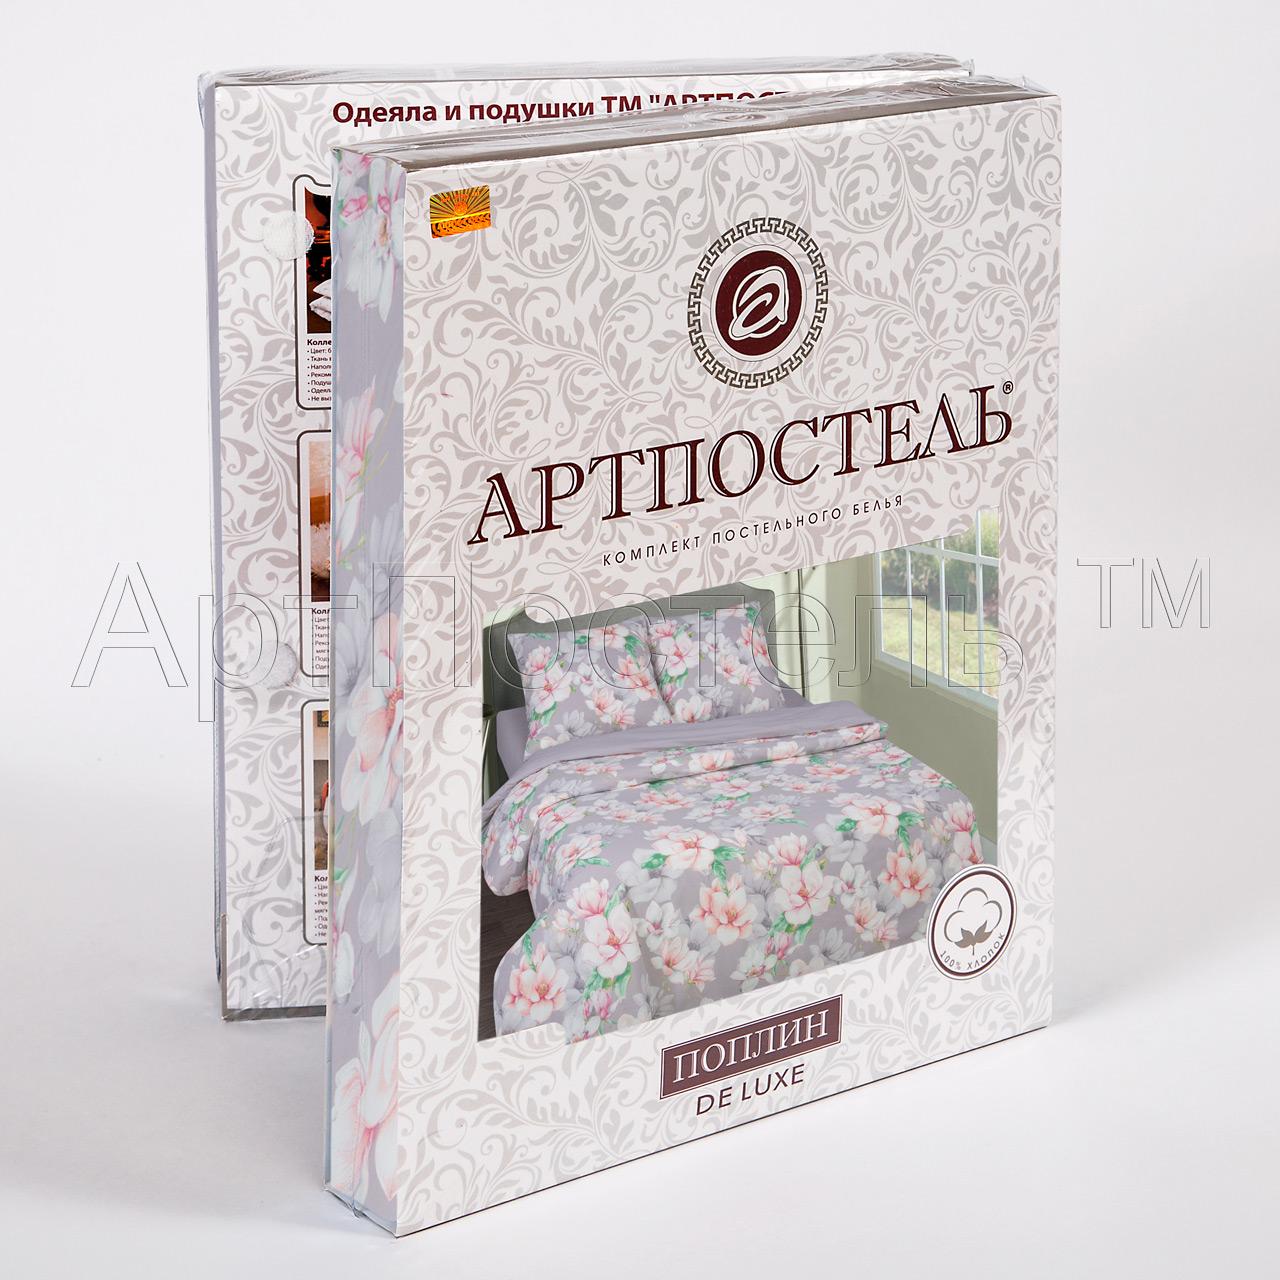 """КПБ """"Николь"""" р. 2,0-сп. евро"""